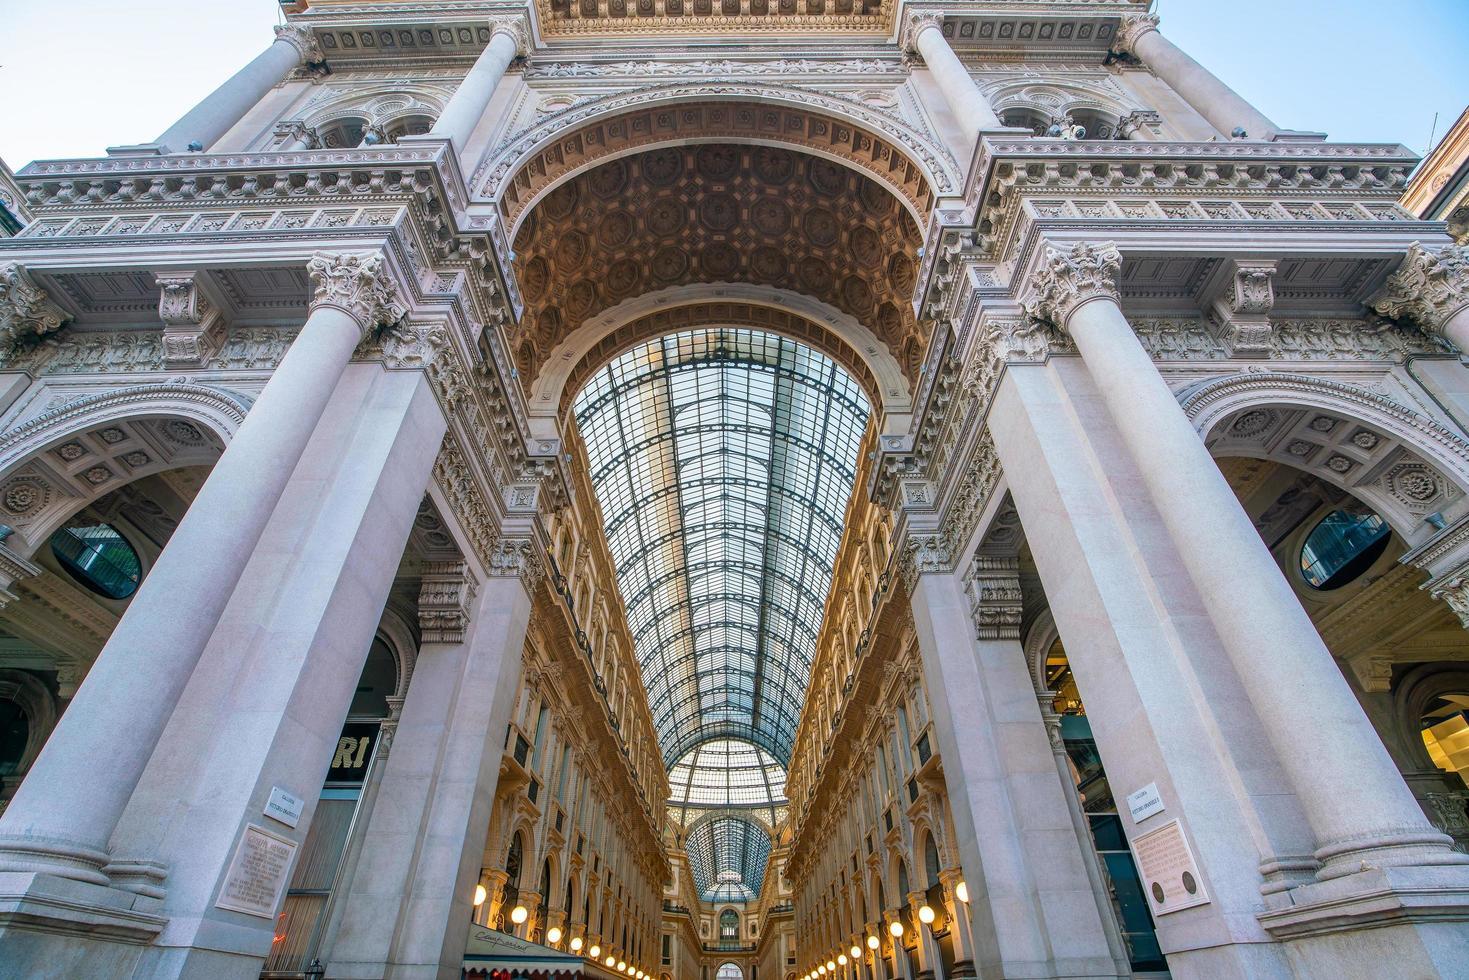 galleria vittorio emanuele ii is een van de meest populaire winkelgebieden in milaan foto